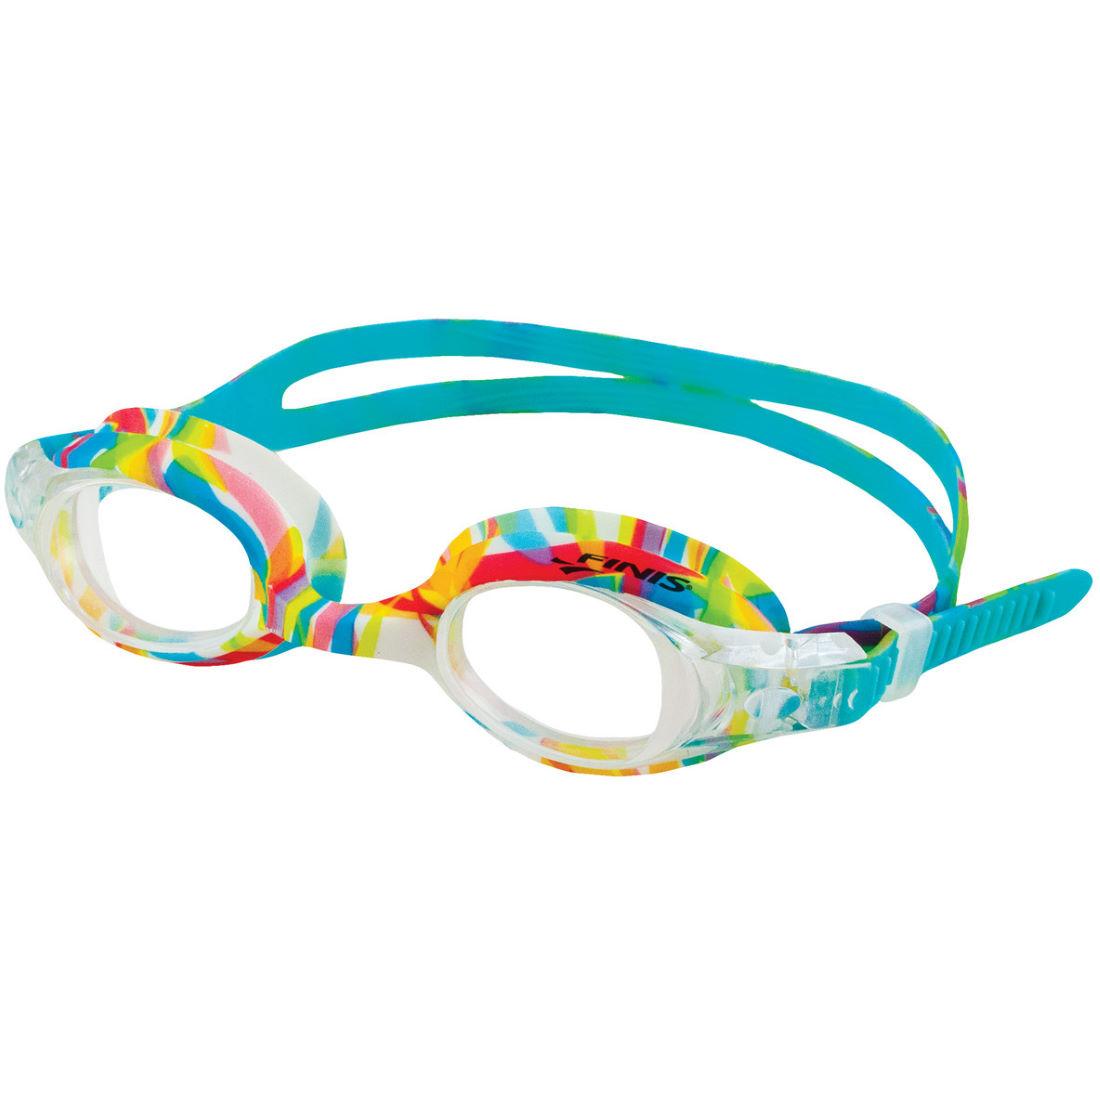 FINIS Phoenix nàng tiên cá chuyển màu nước kính bơi cho trẻ em chống nước chống sương mù chống dị ứng 4-10 tuổi - Goggles